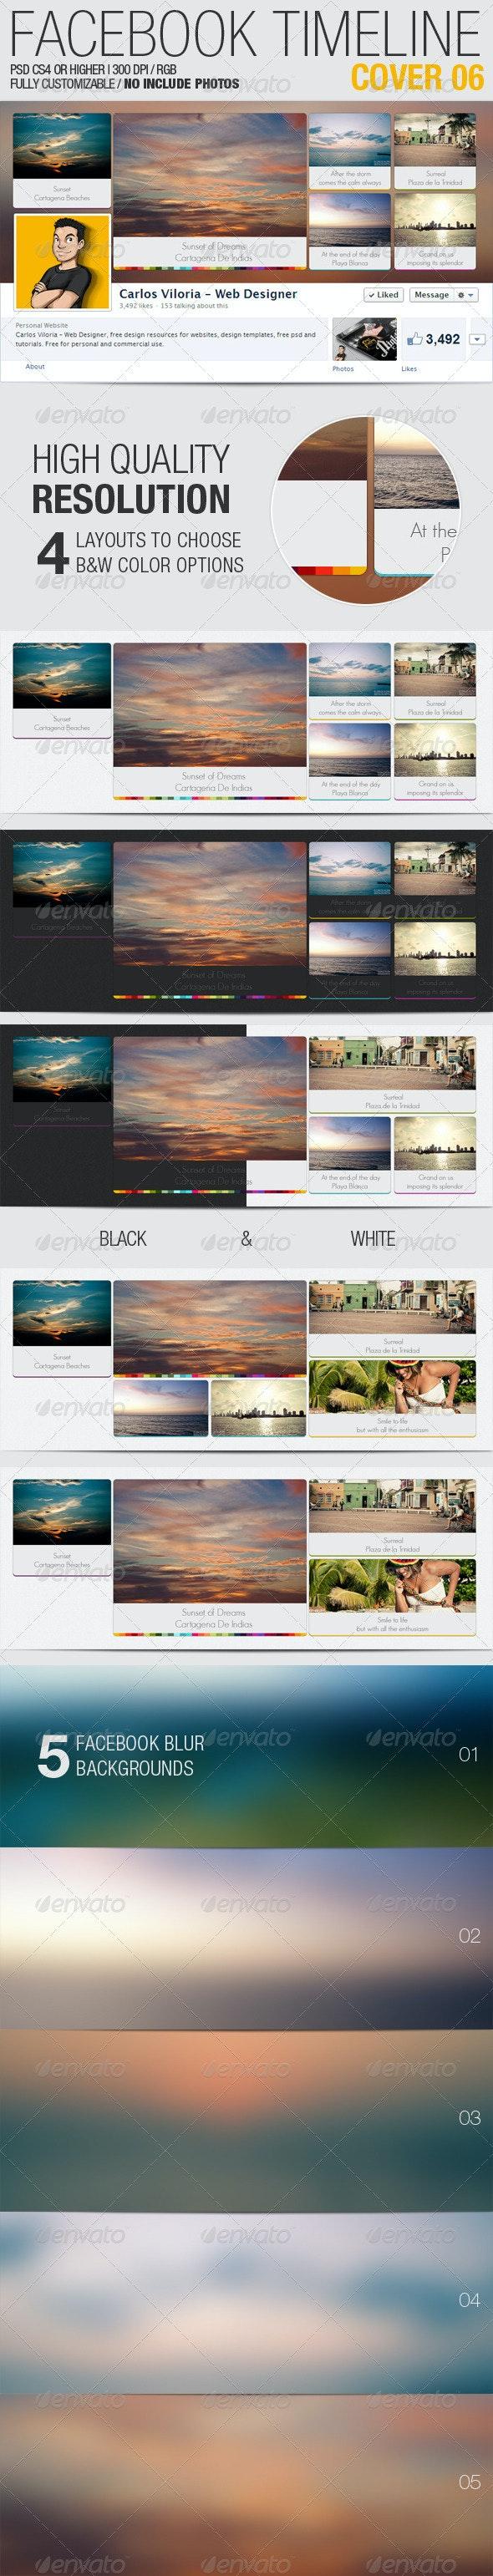 Facebook Timeline Cover 06 - Facebook Timeline Covers Social Media